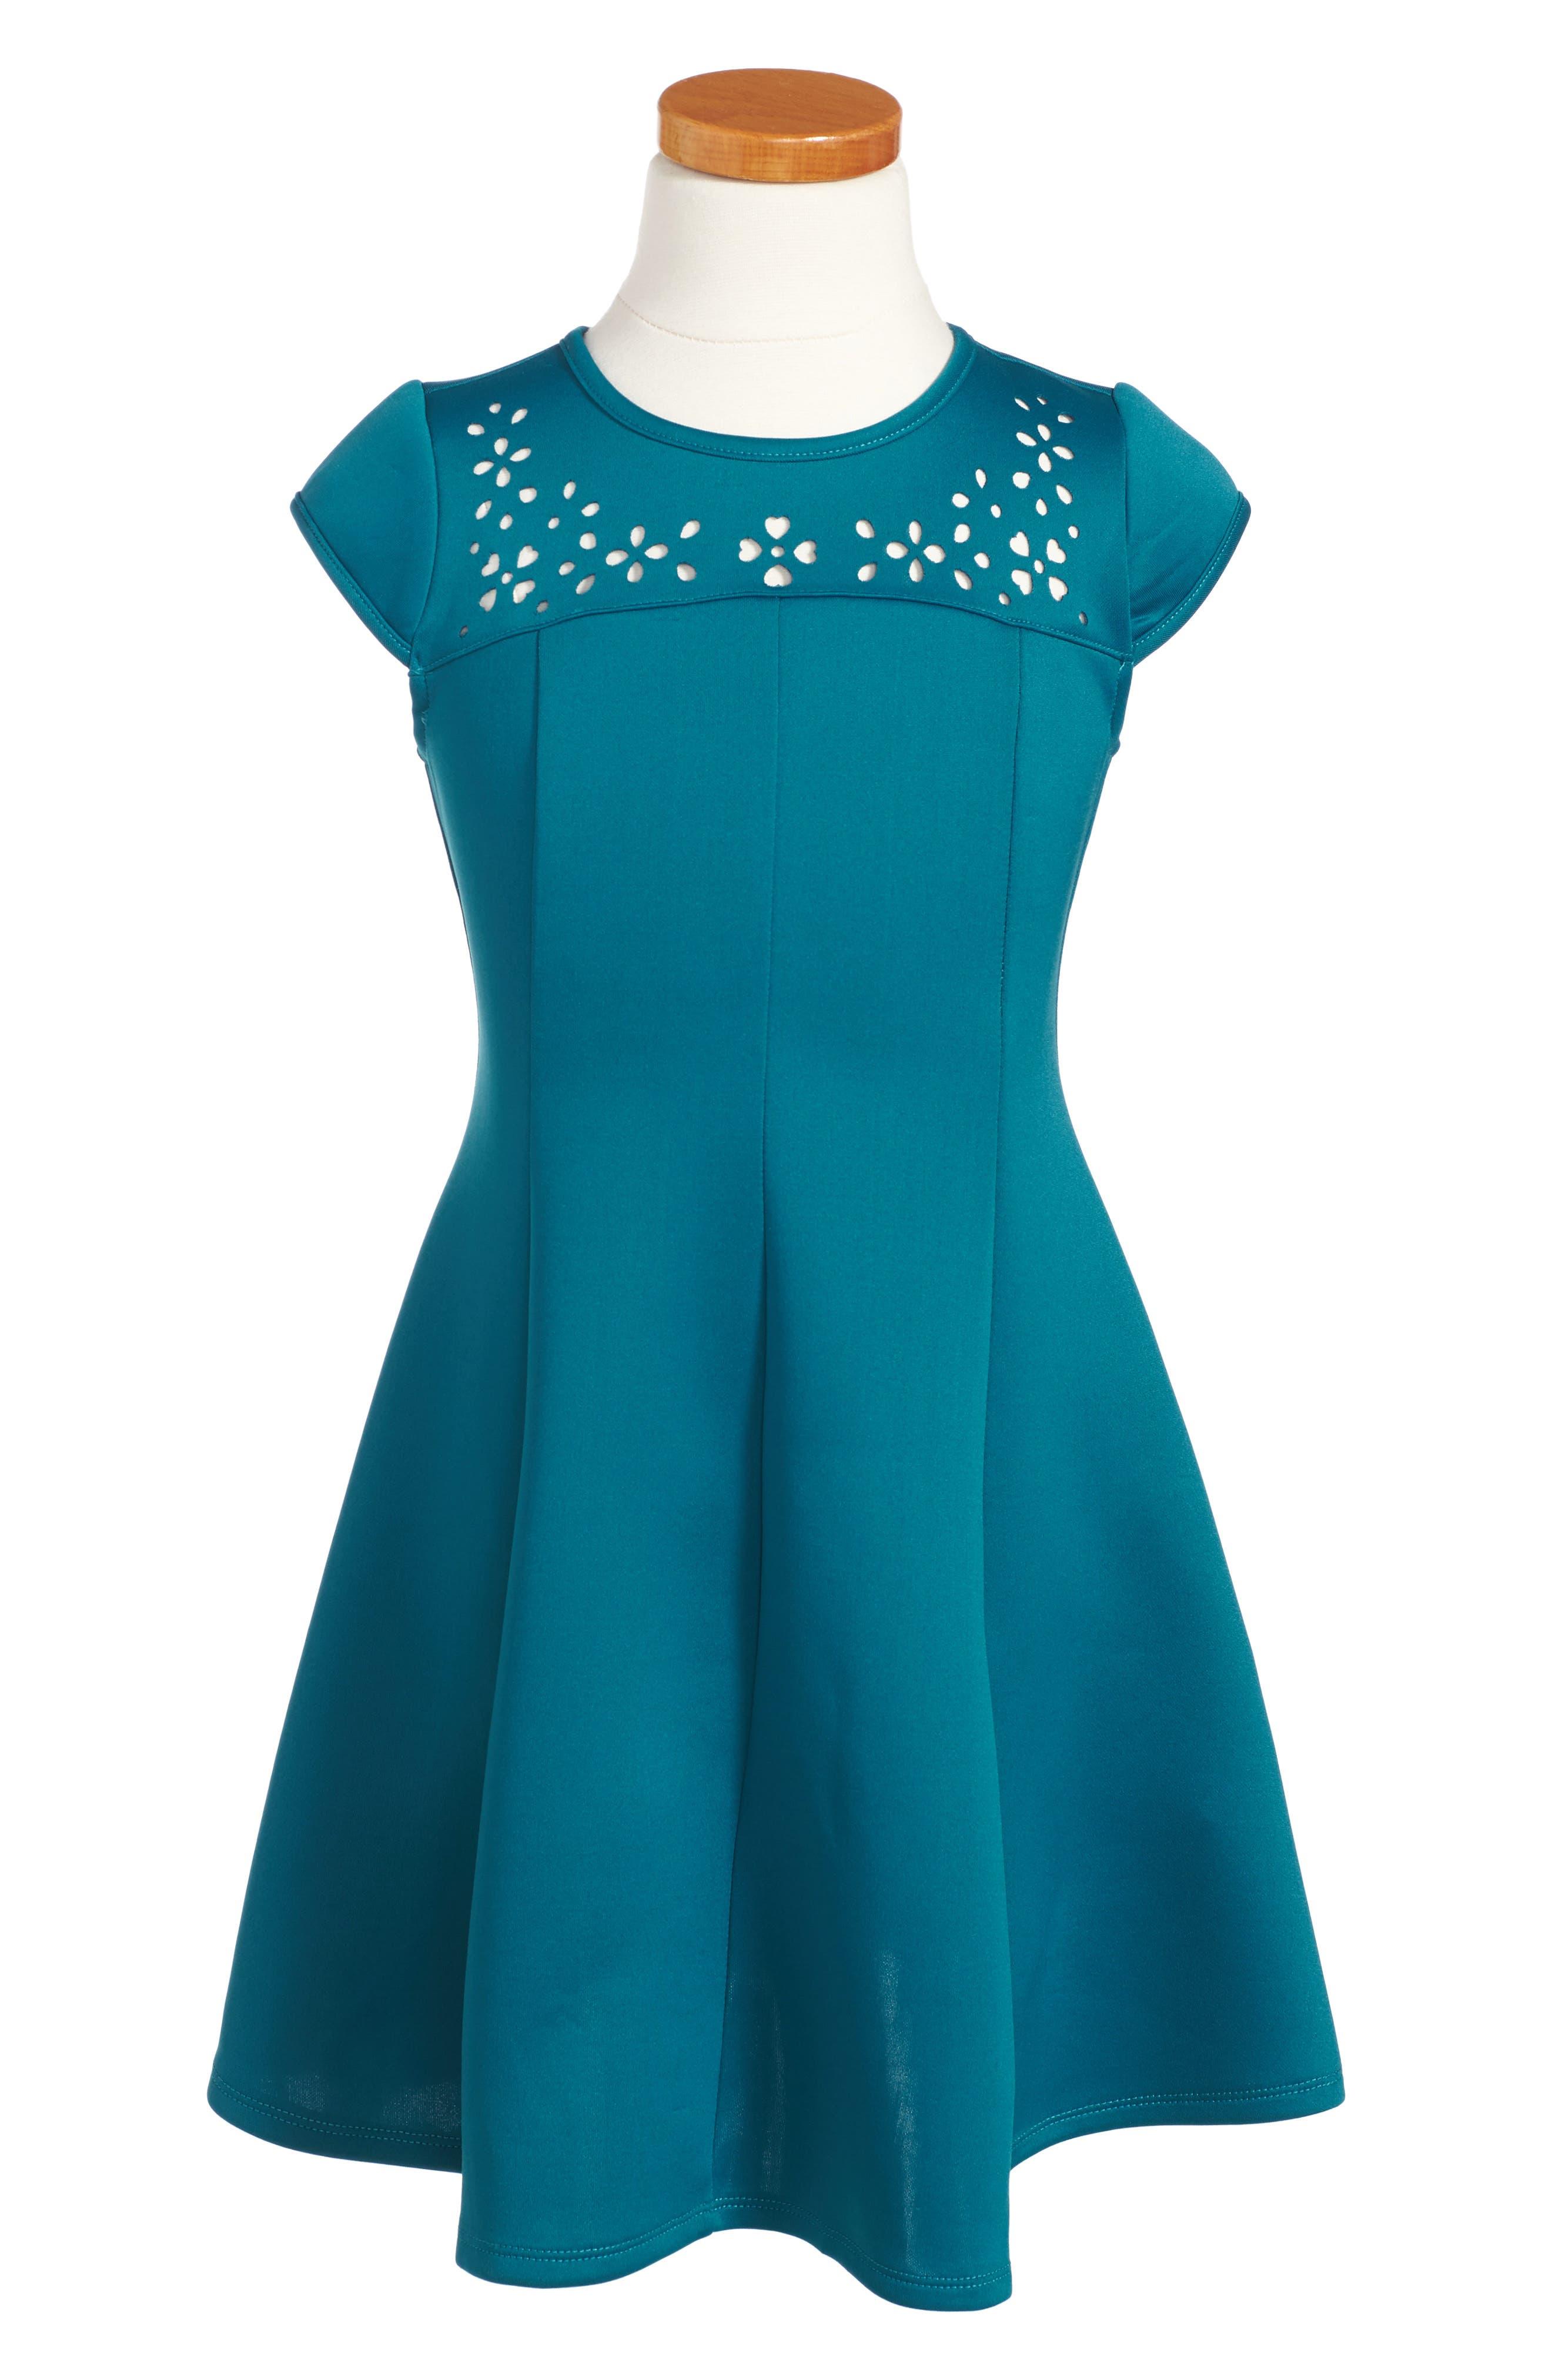 Alternate Image 1 Selected - Zunie Cutout Scuba Dress (Toddler Girls, Little Girls & Big Girls)